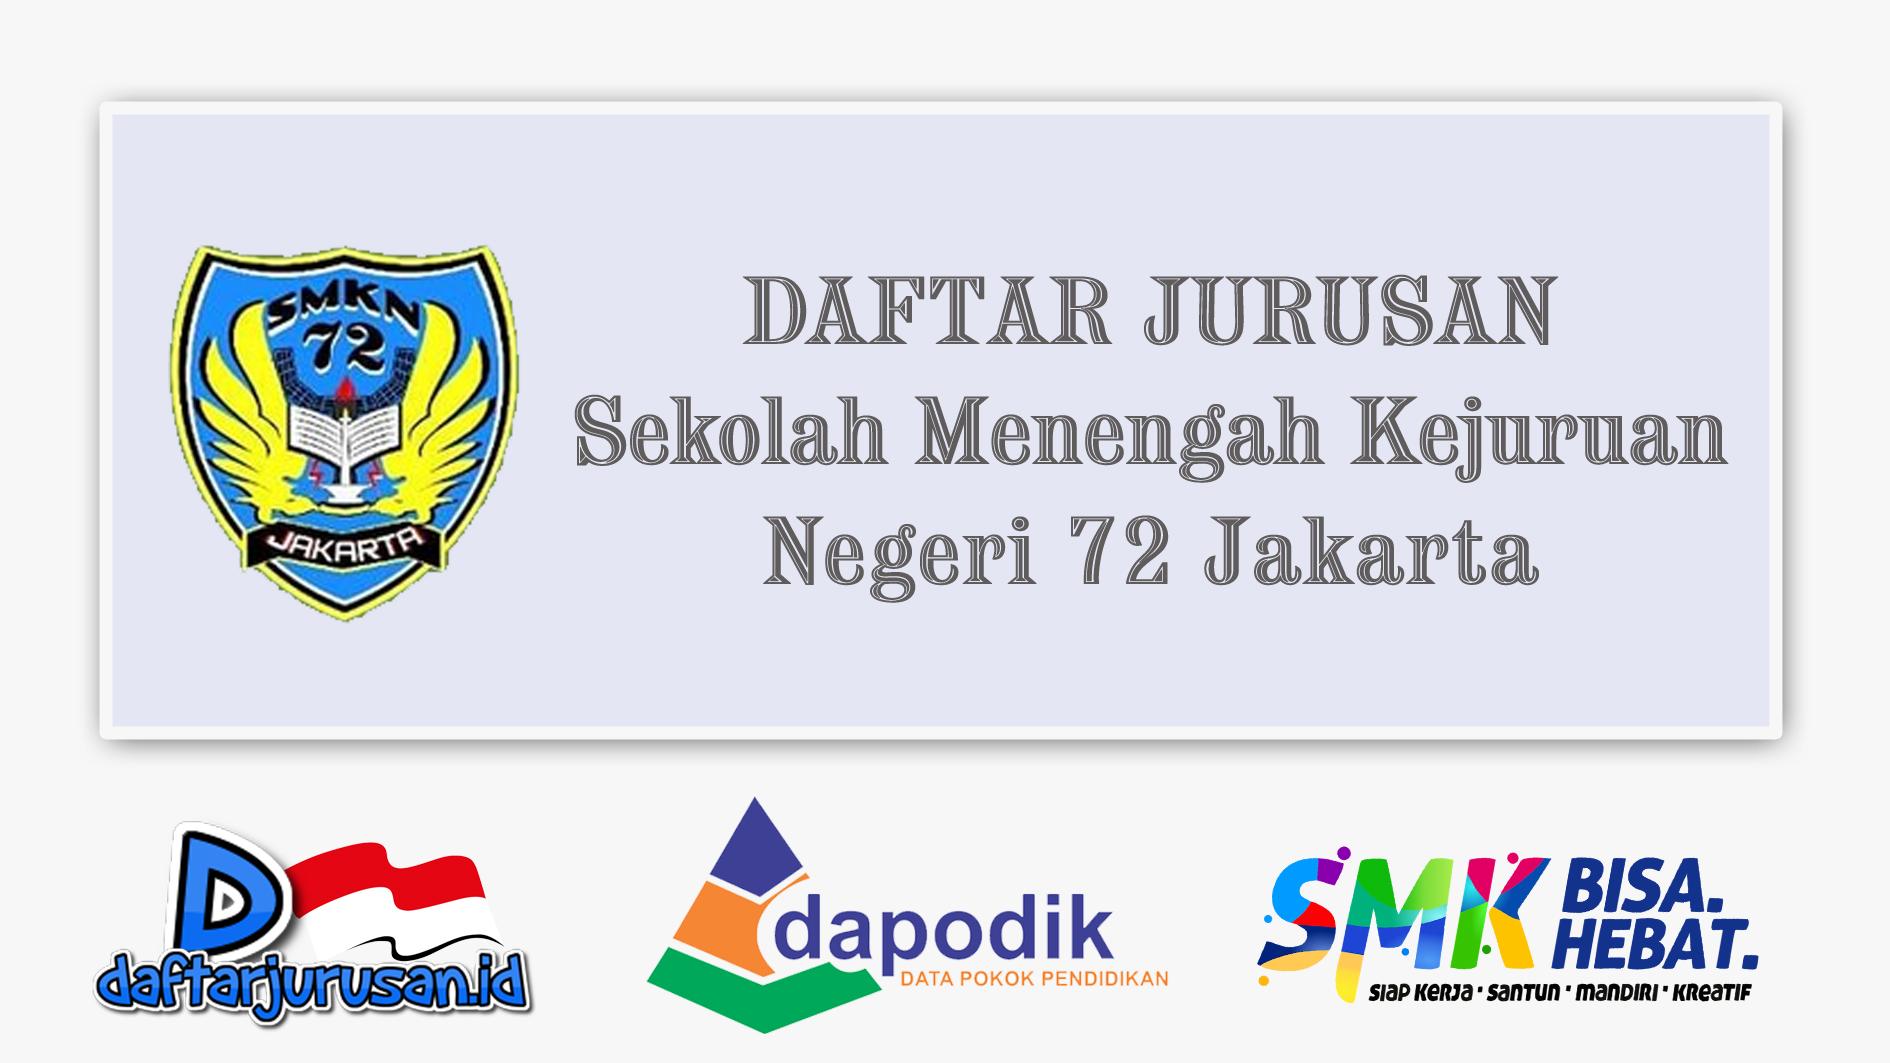 Daftar Jurusan SMK Negeri 72 Jakarta Barat